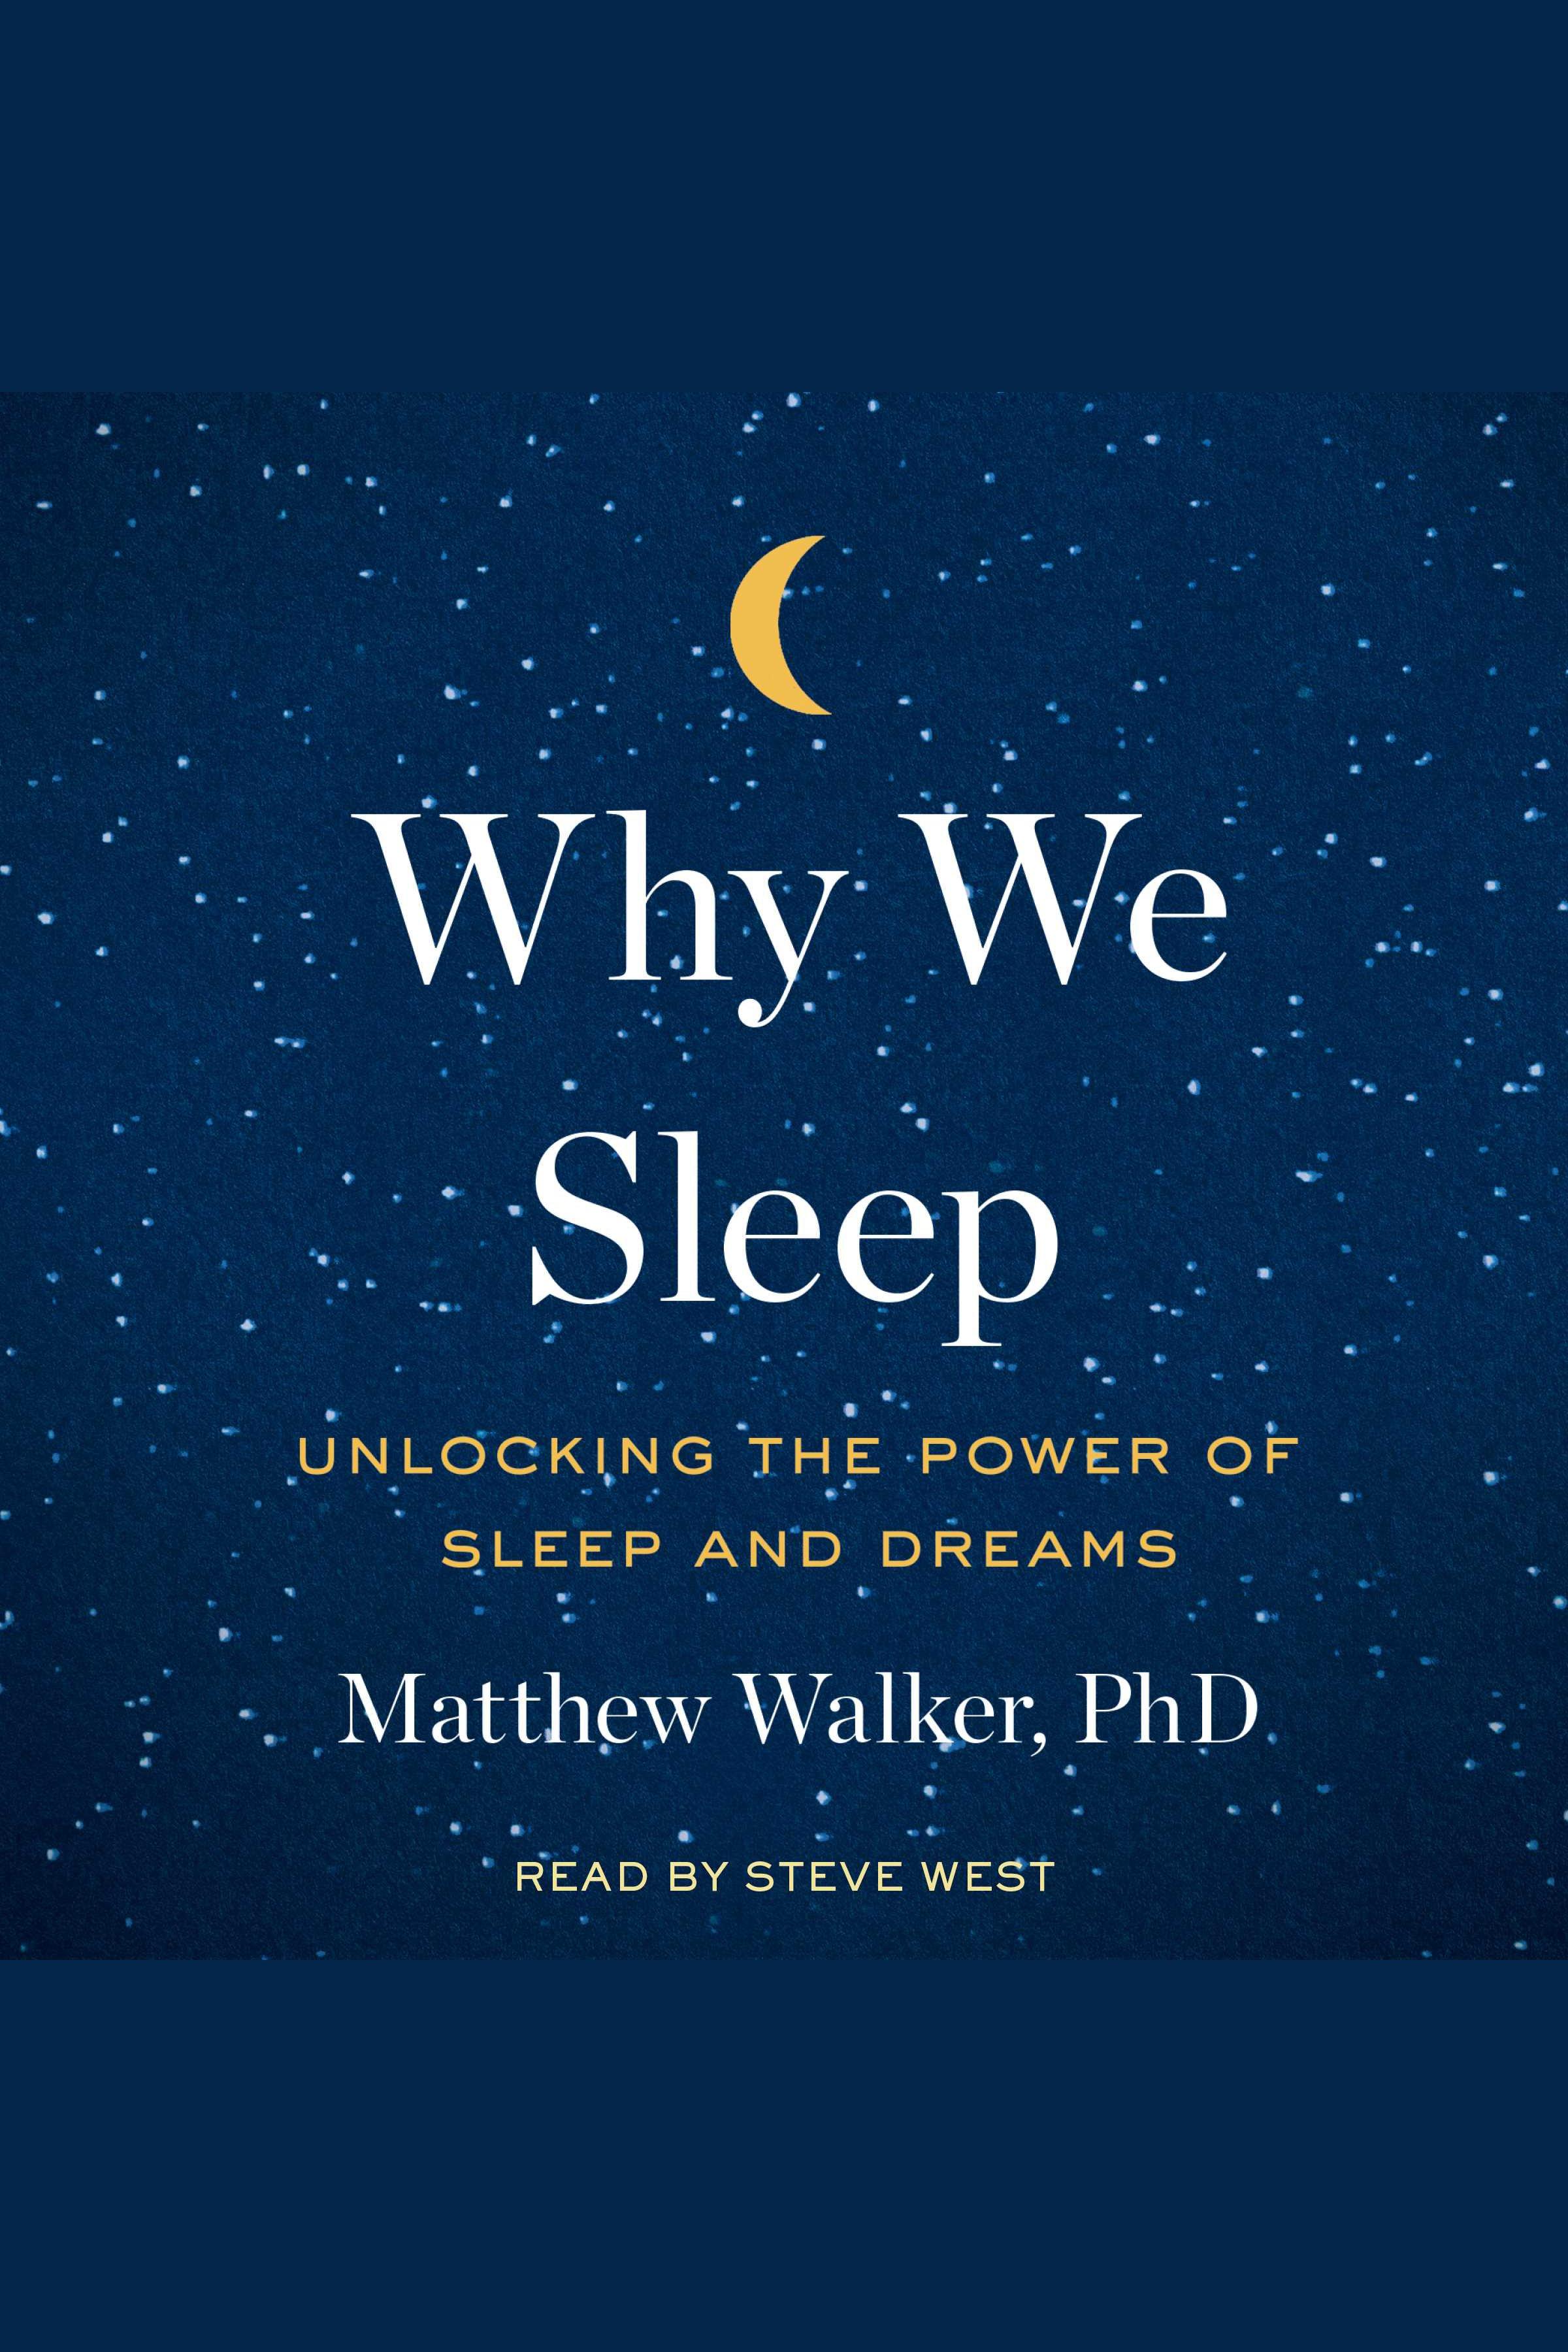 Esta es la portada del audiolibro Why We Sleep